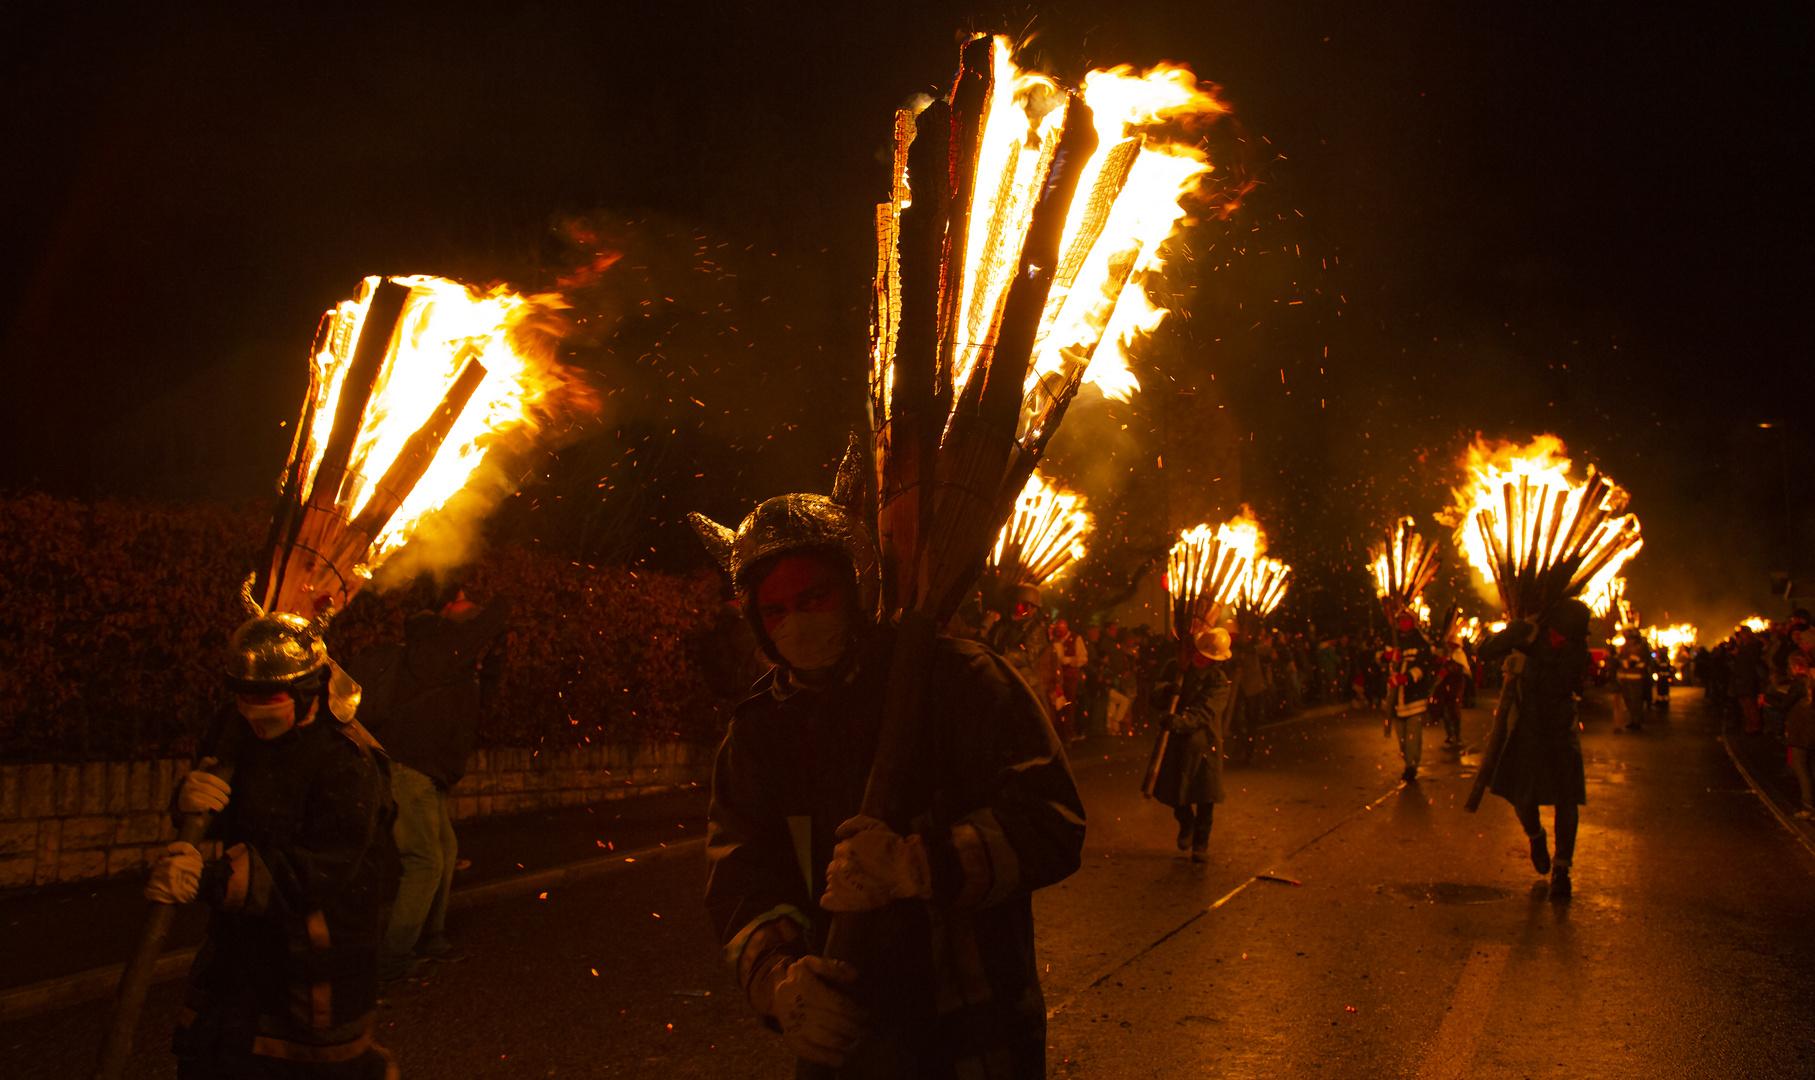 Feuerlauf in Liestal